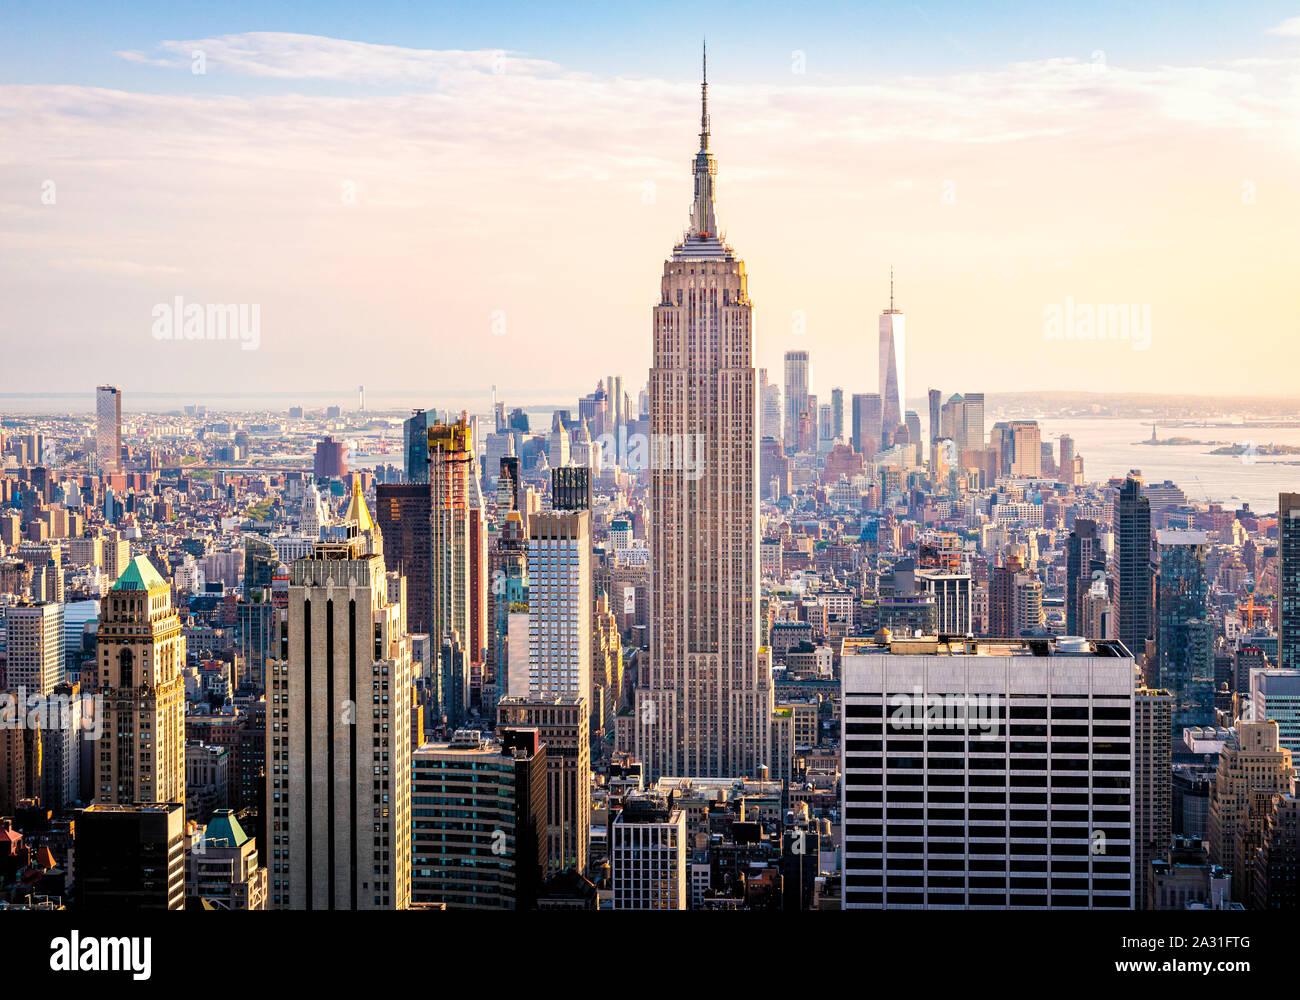 El Empire State Building torres por encima de Manhattan en la Ciudad de Nueva York, EE.UU. Foto de stock